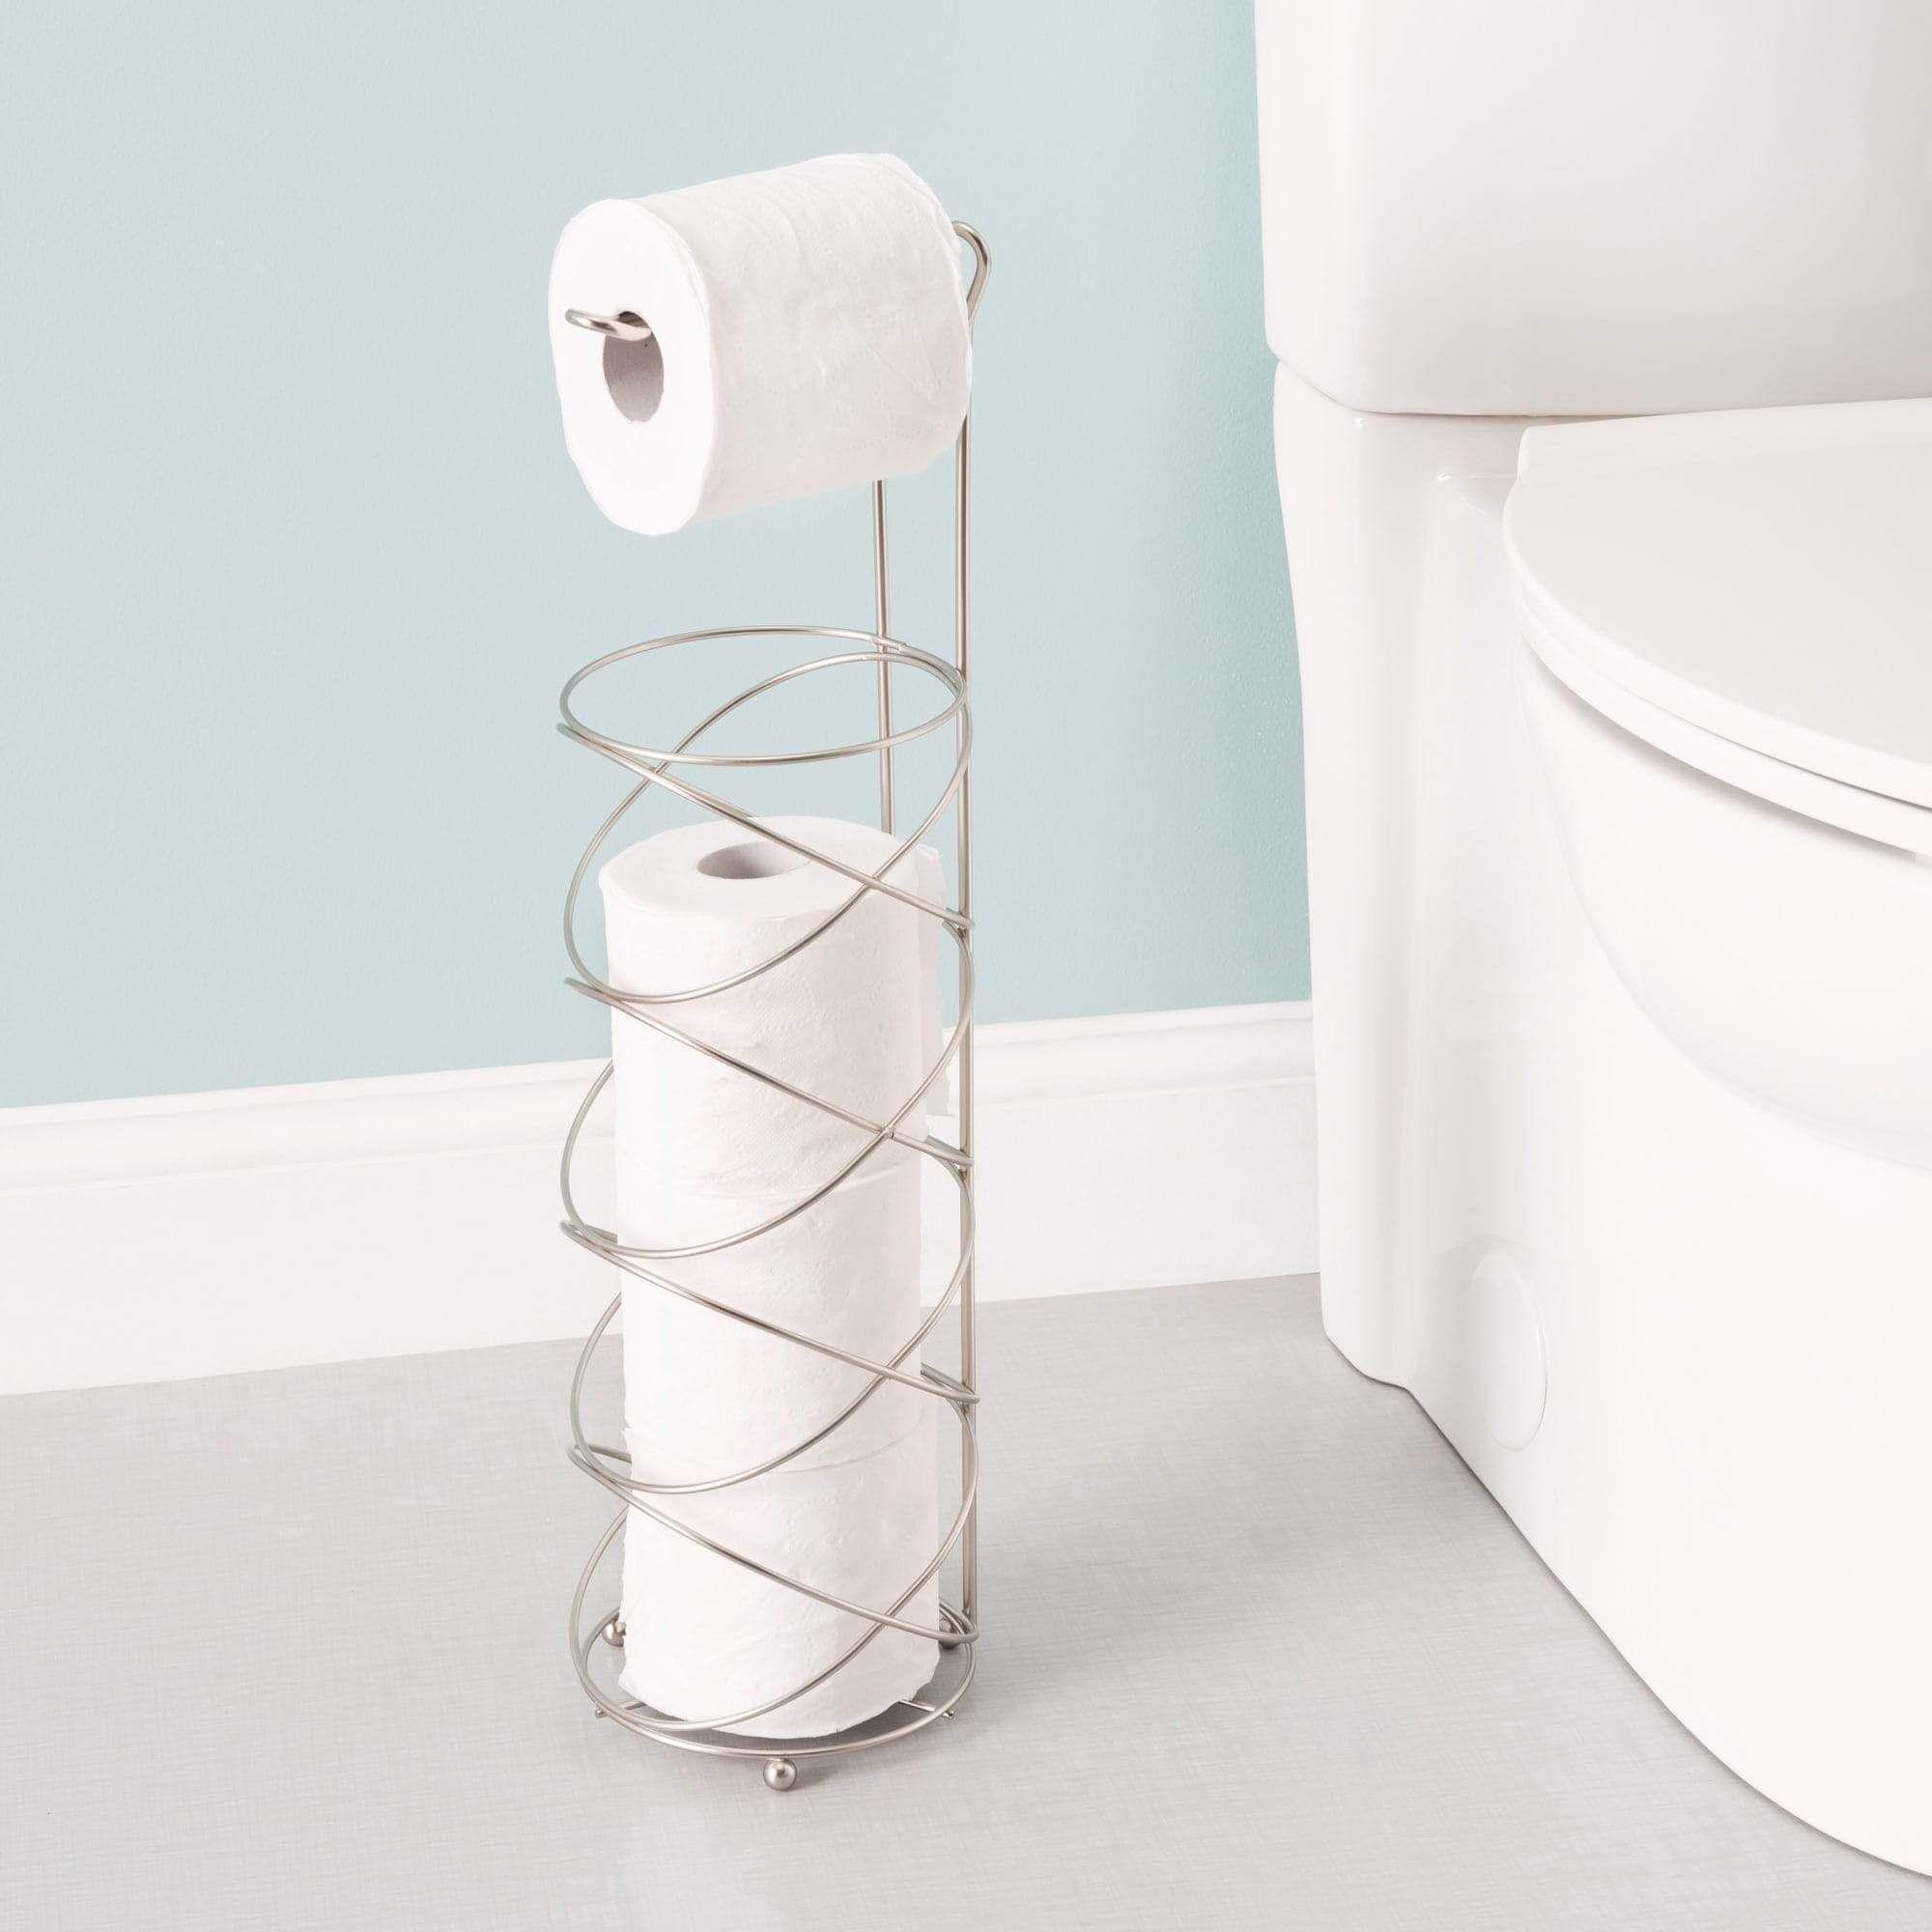 Modern Swirl Freestanding Dispensing Toilet Paper Holder Satin Nickel In 2021 Toilet Paper Holder Free Standing Toilet Paper Holder Toilet Paper Stand